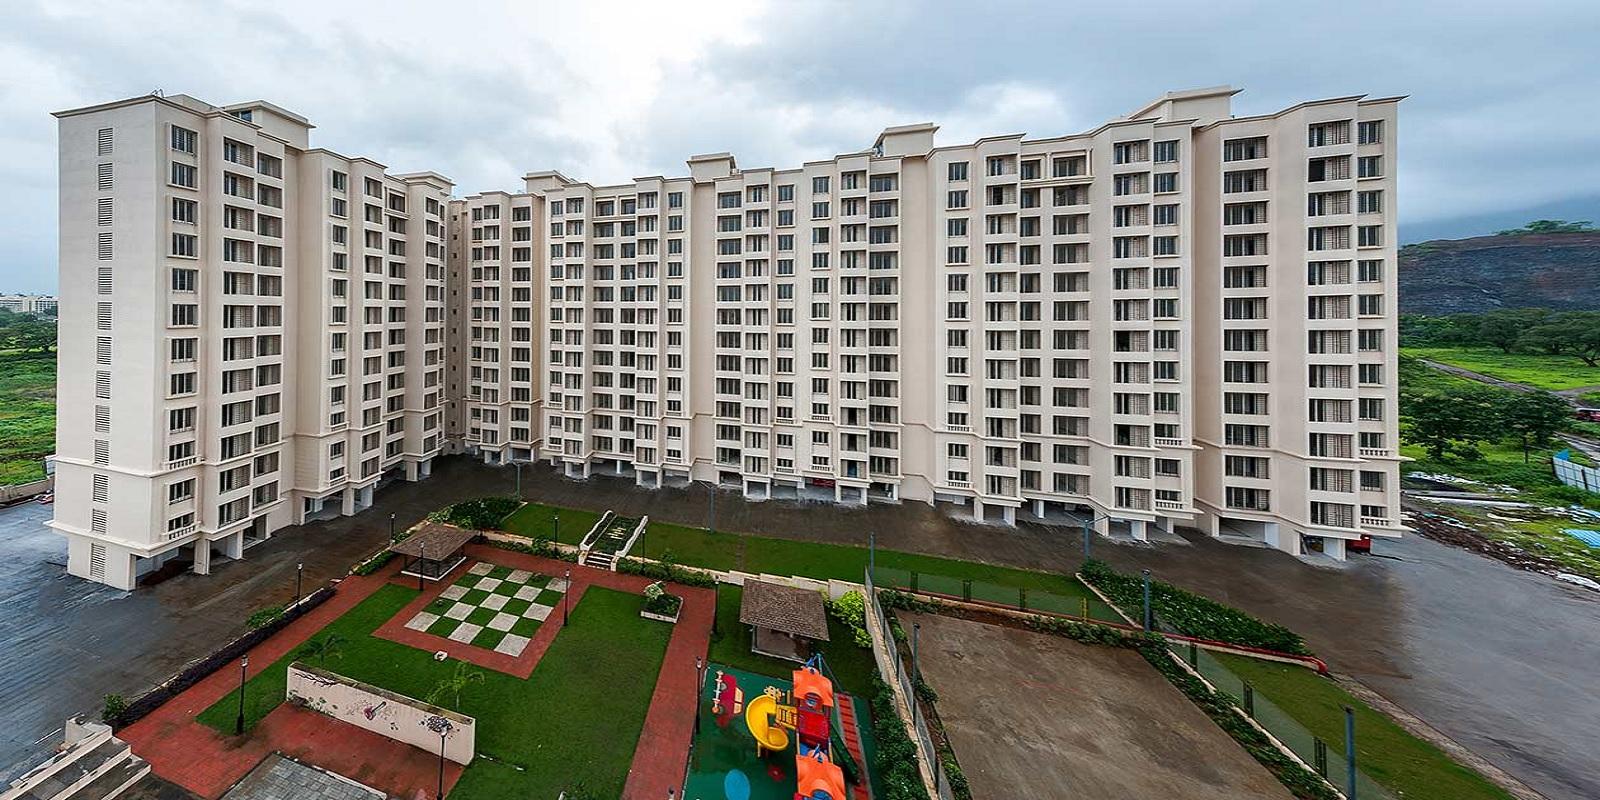 panvelkar estate oxford project large image1